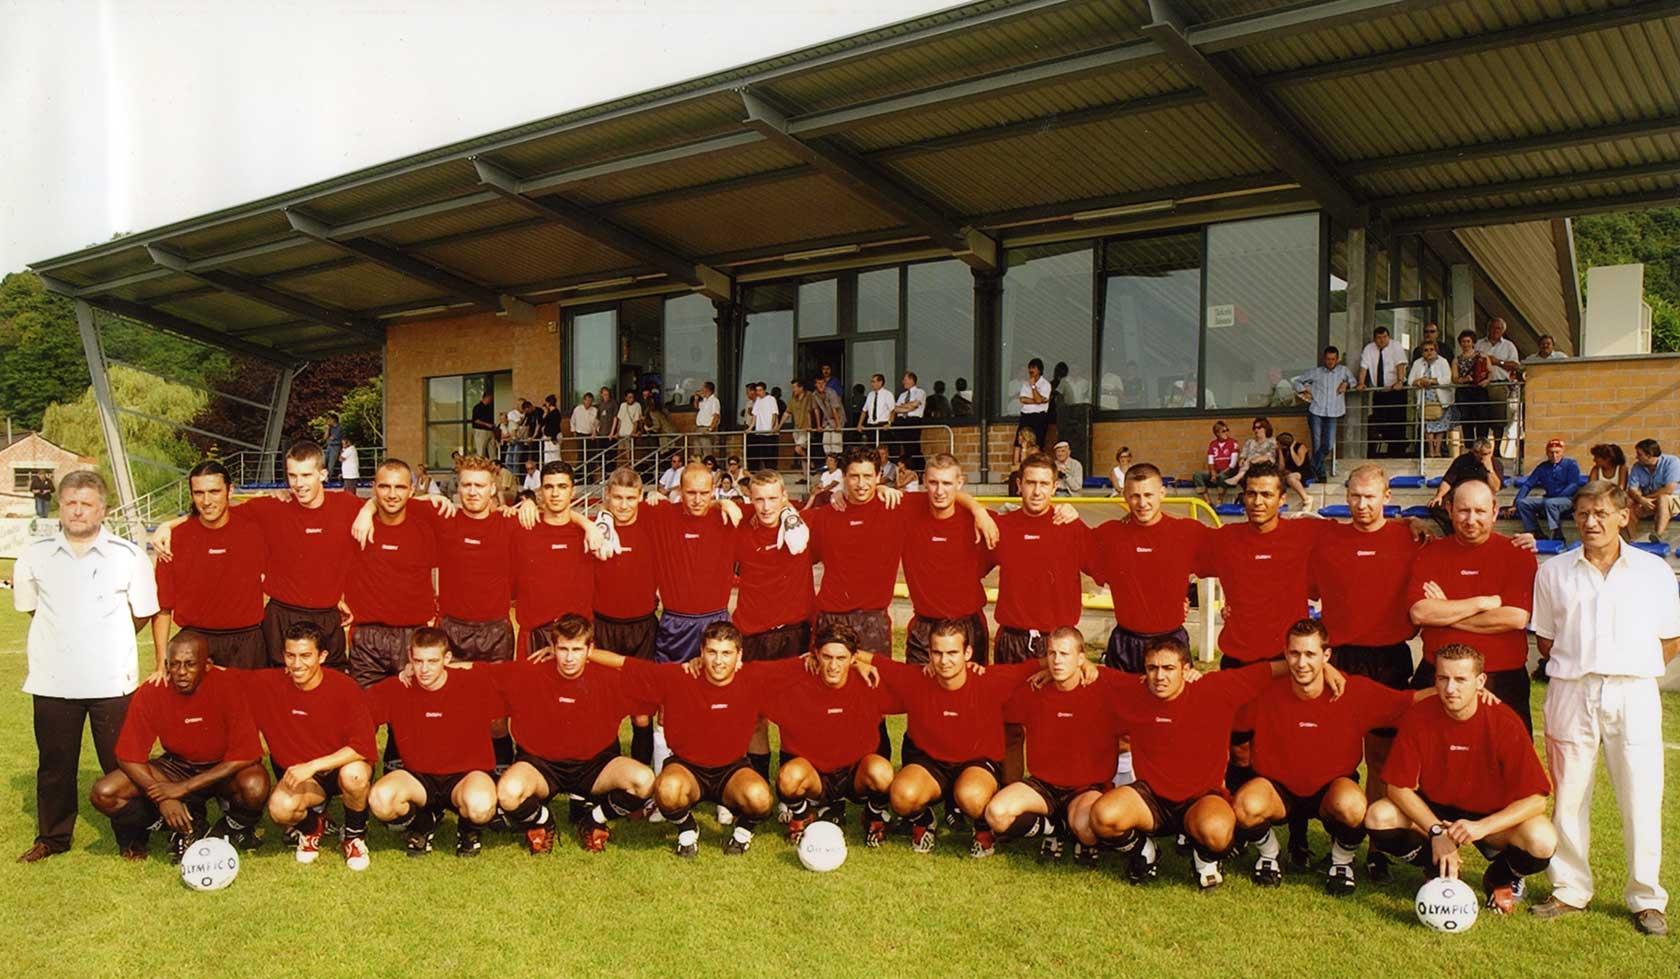 saison-andenne-2004